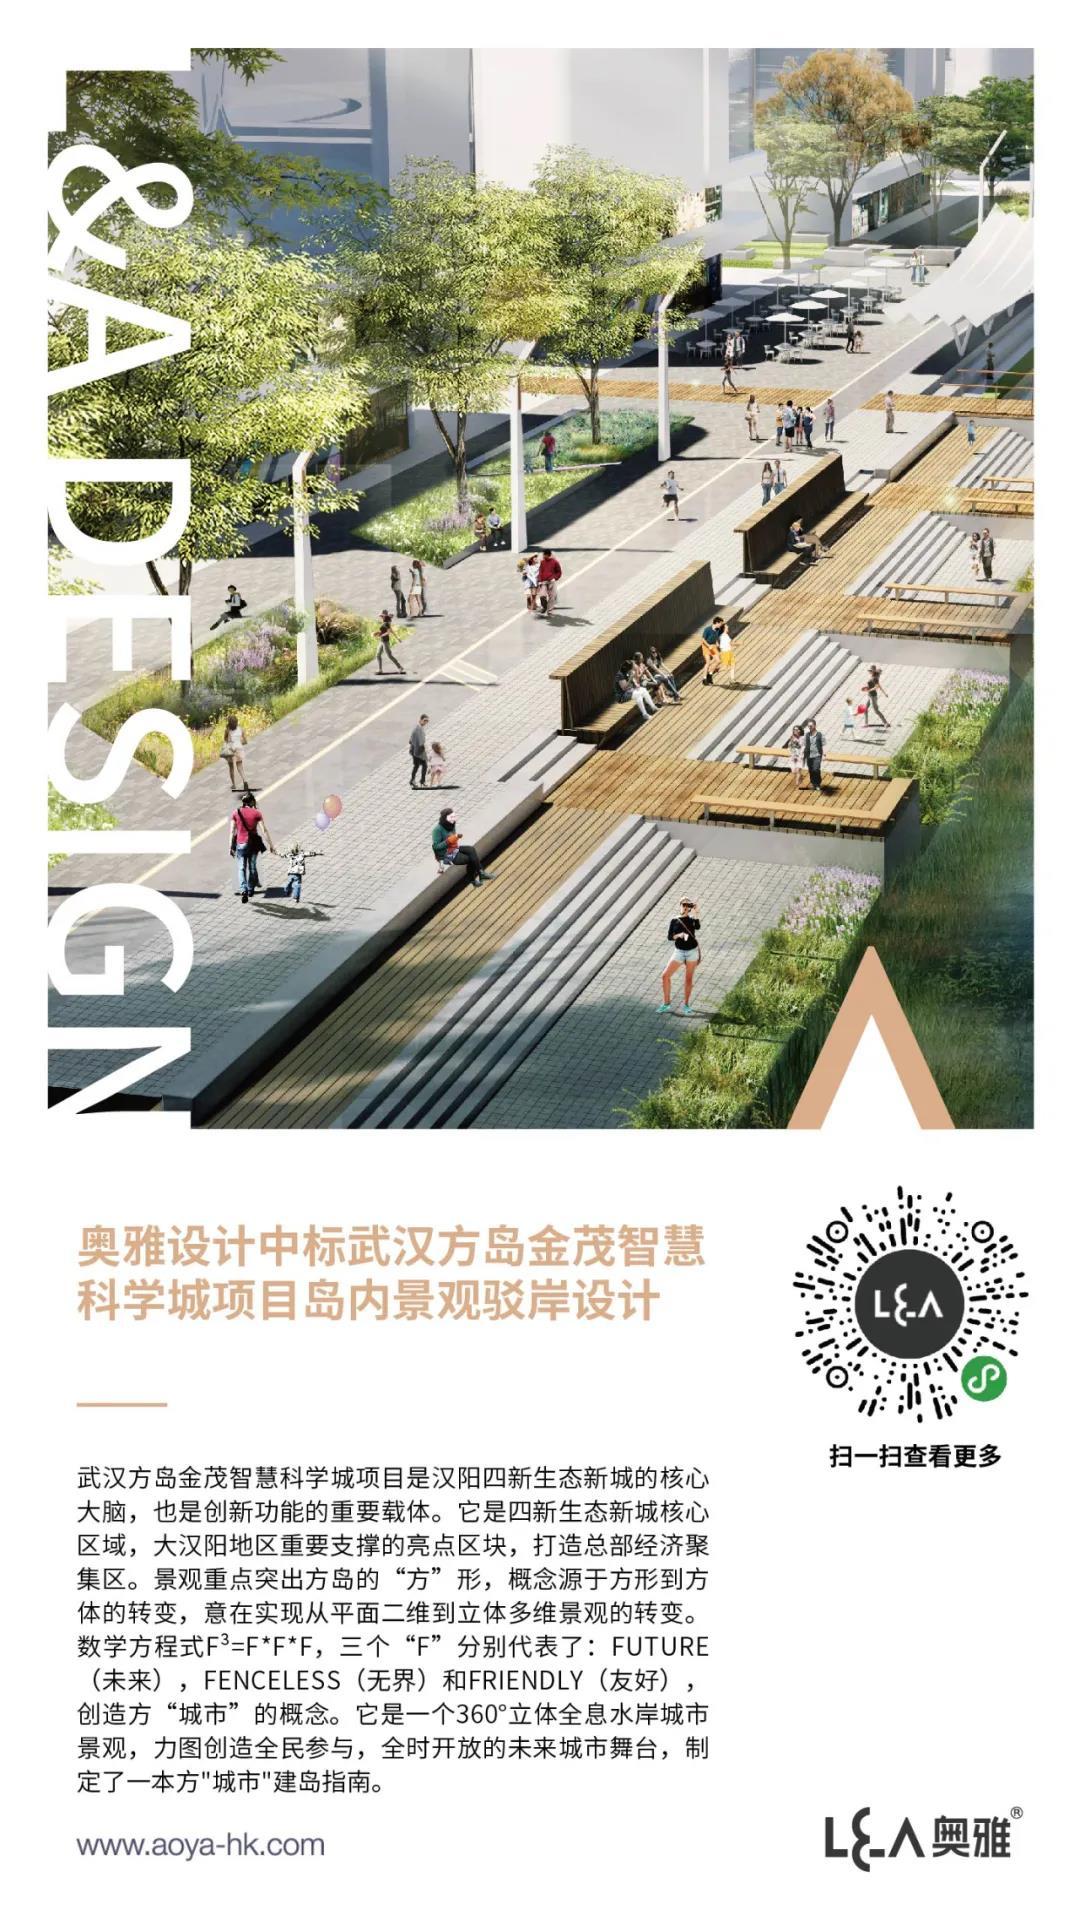 奥雅设计中标武汉方岛金茂智慧科学城项目岛内景观驳岸设计